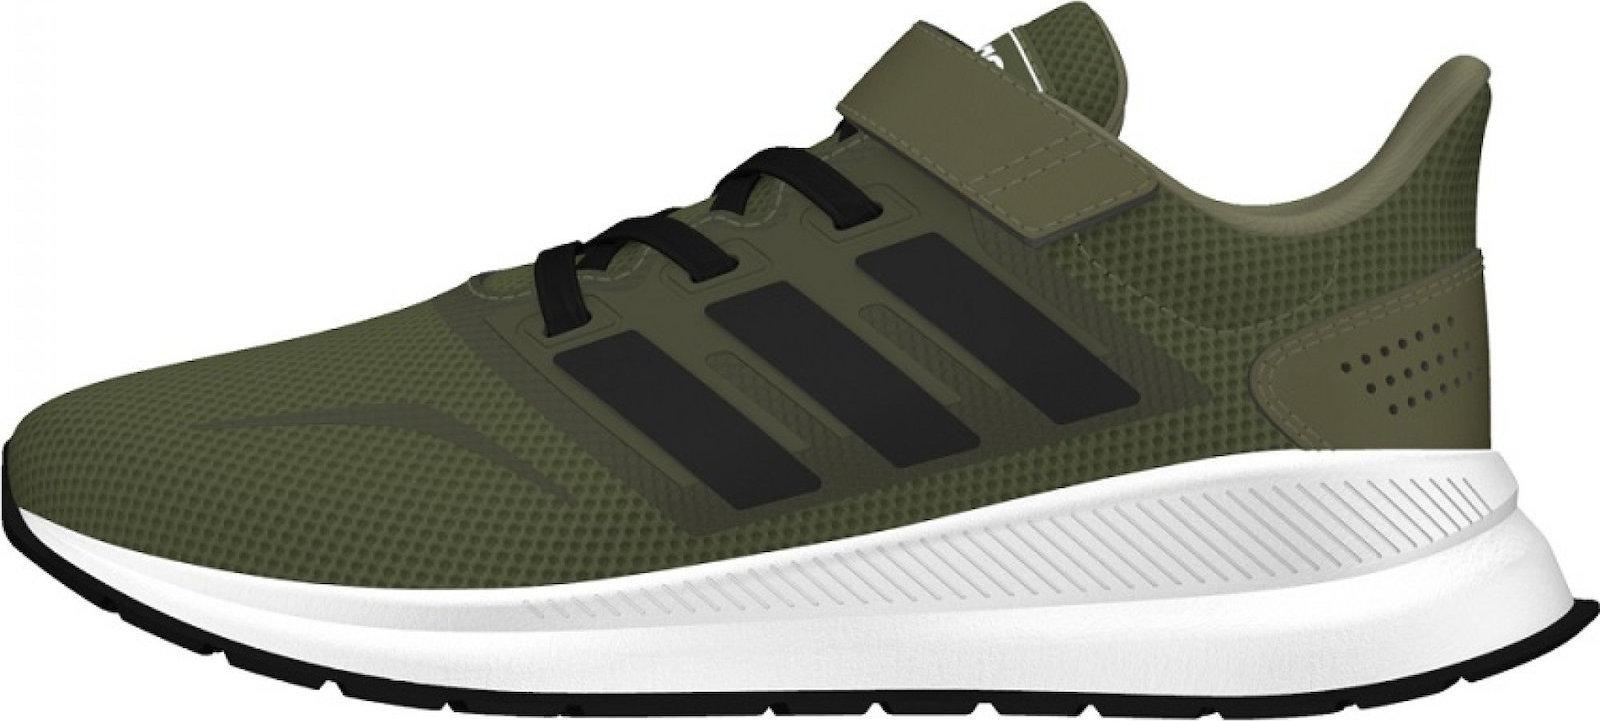 Αγόρι αθλητικό Adidas RunFalcon ΕG1581